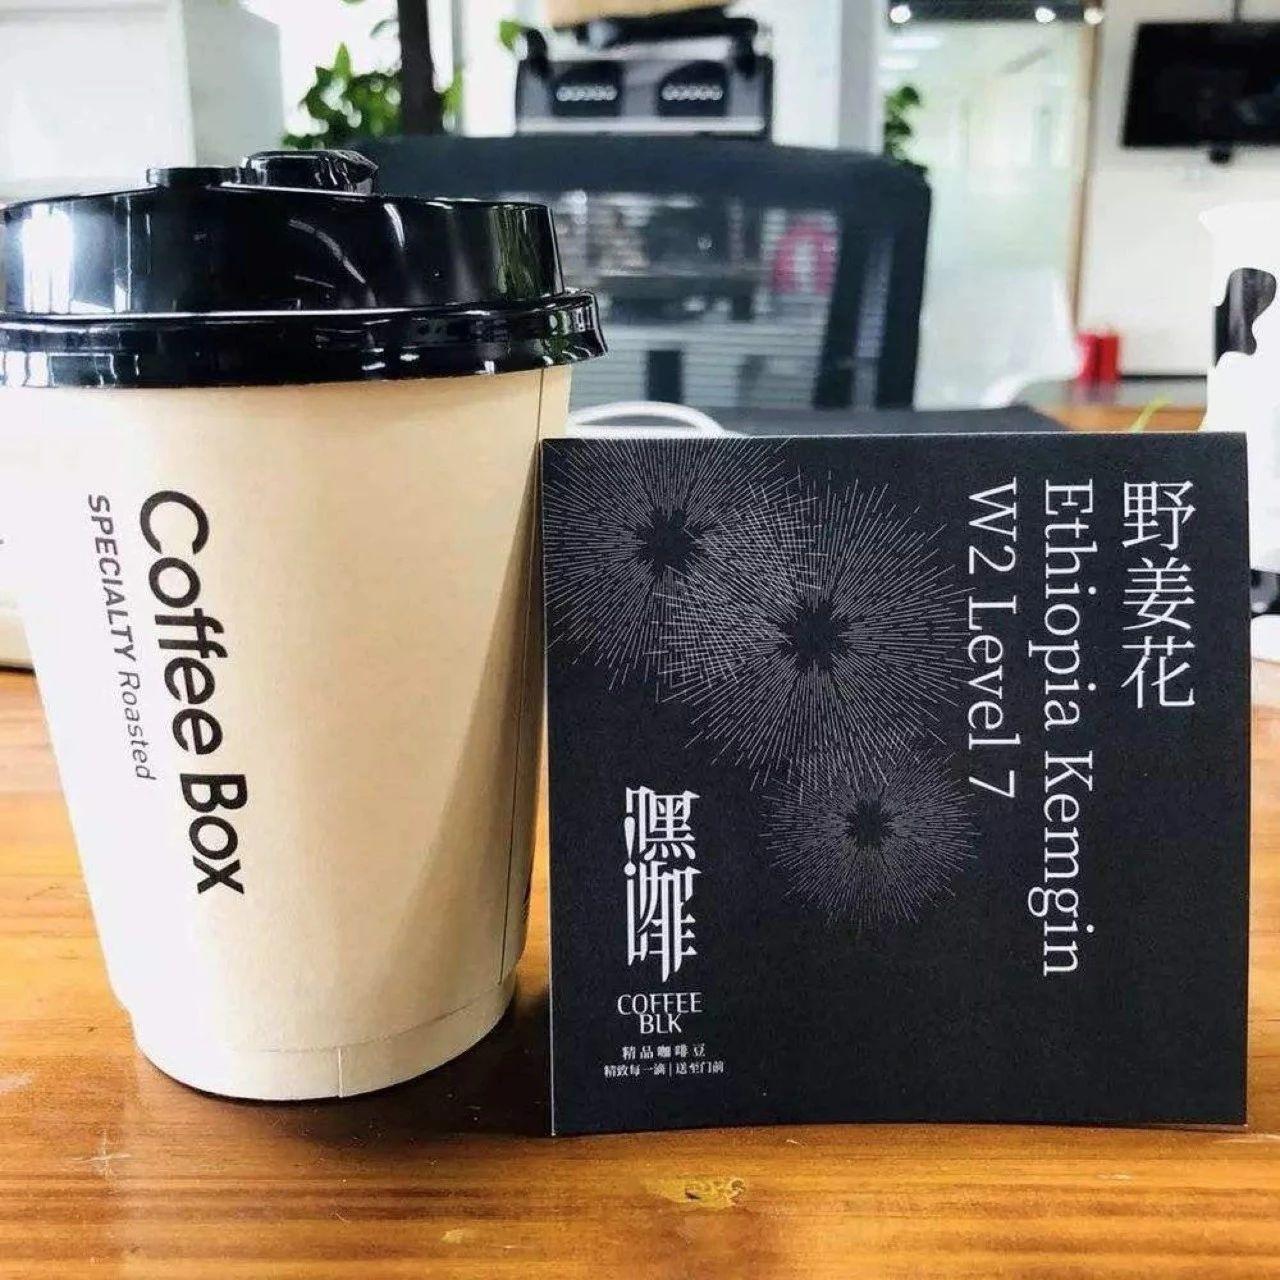 连咖啡比拼多多更可怕的4个地方